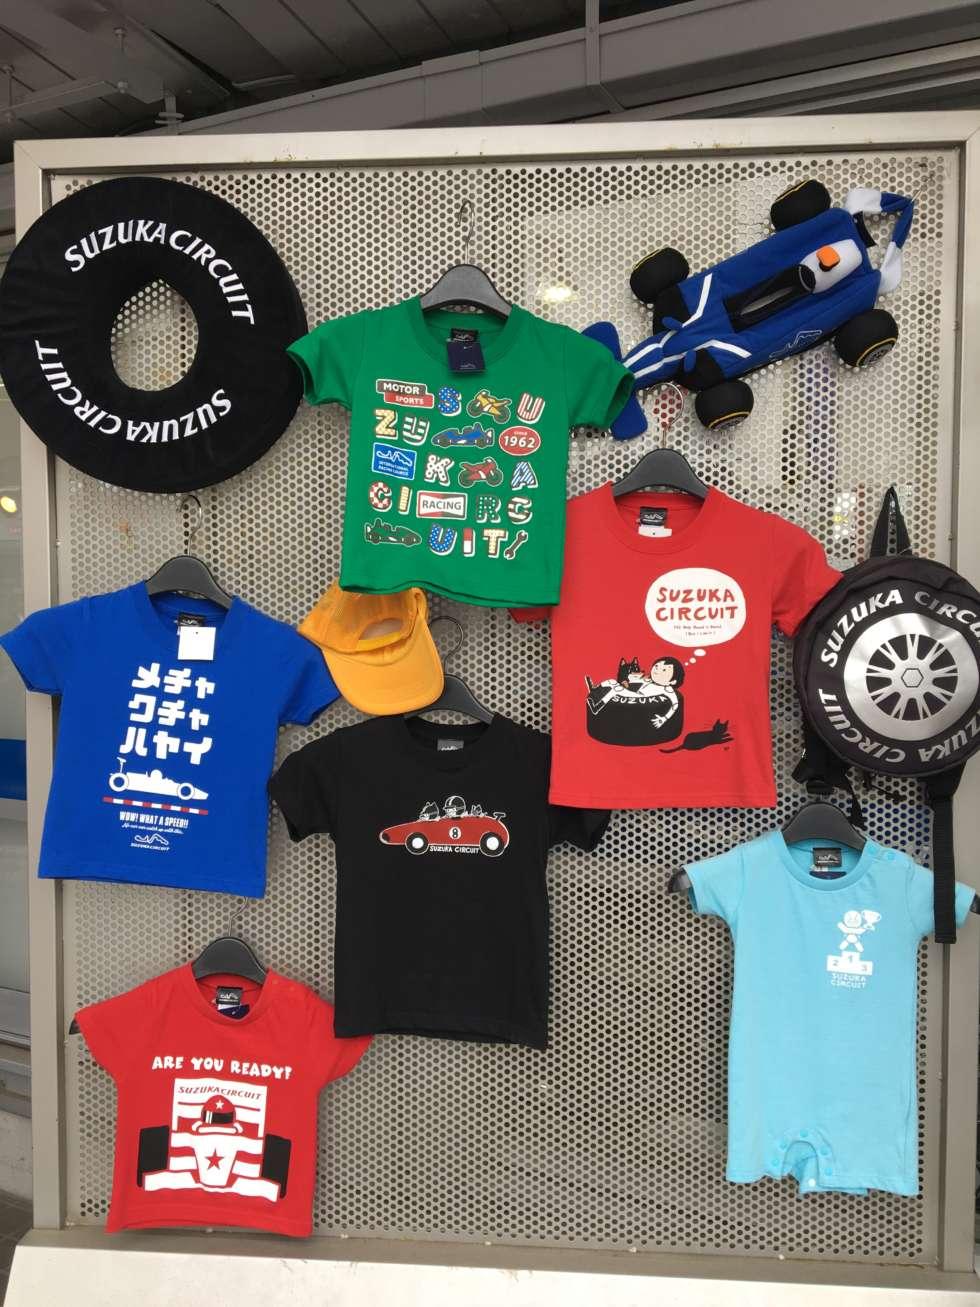 【F1日本GP】お土産におすすめ!キッズ用グッズ